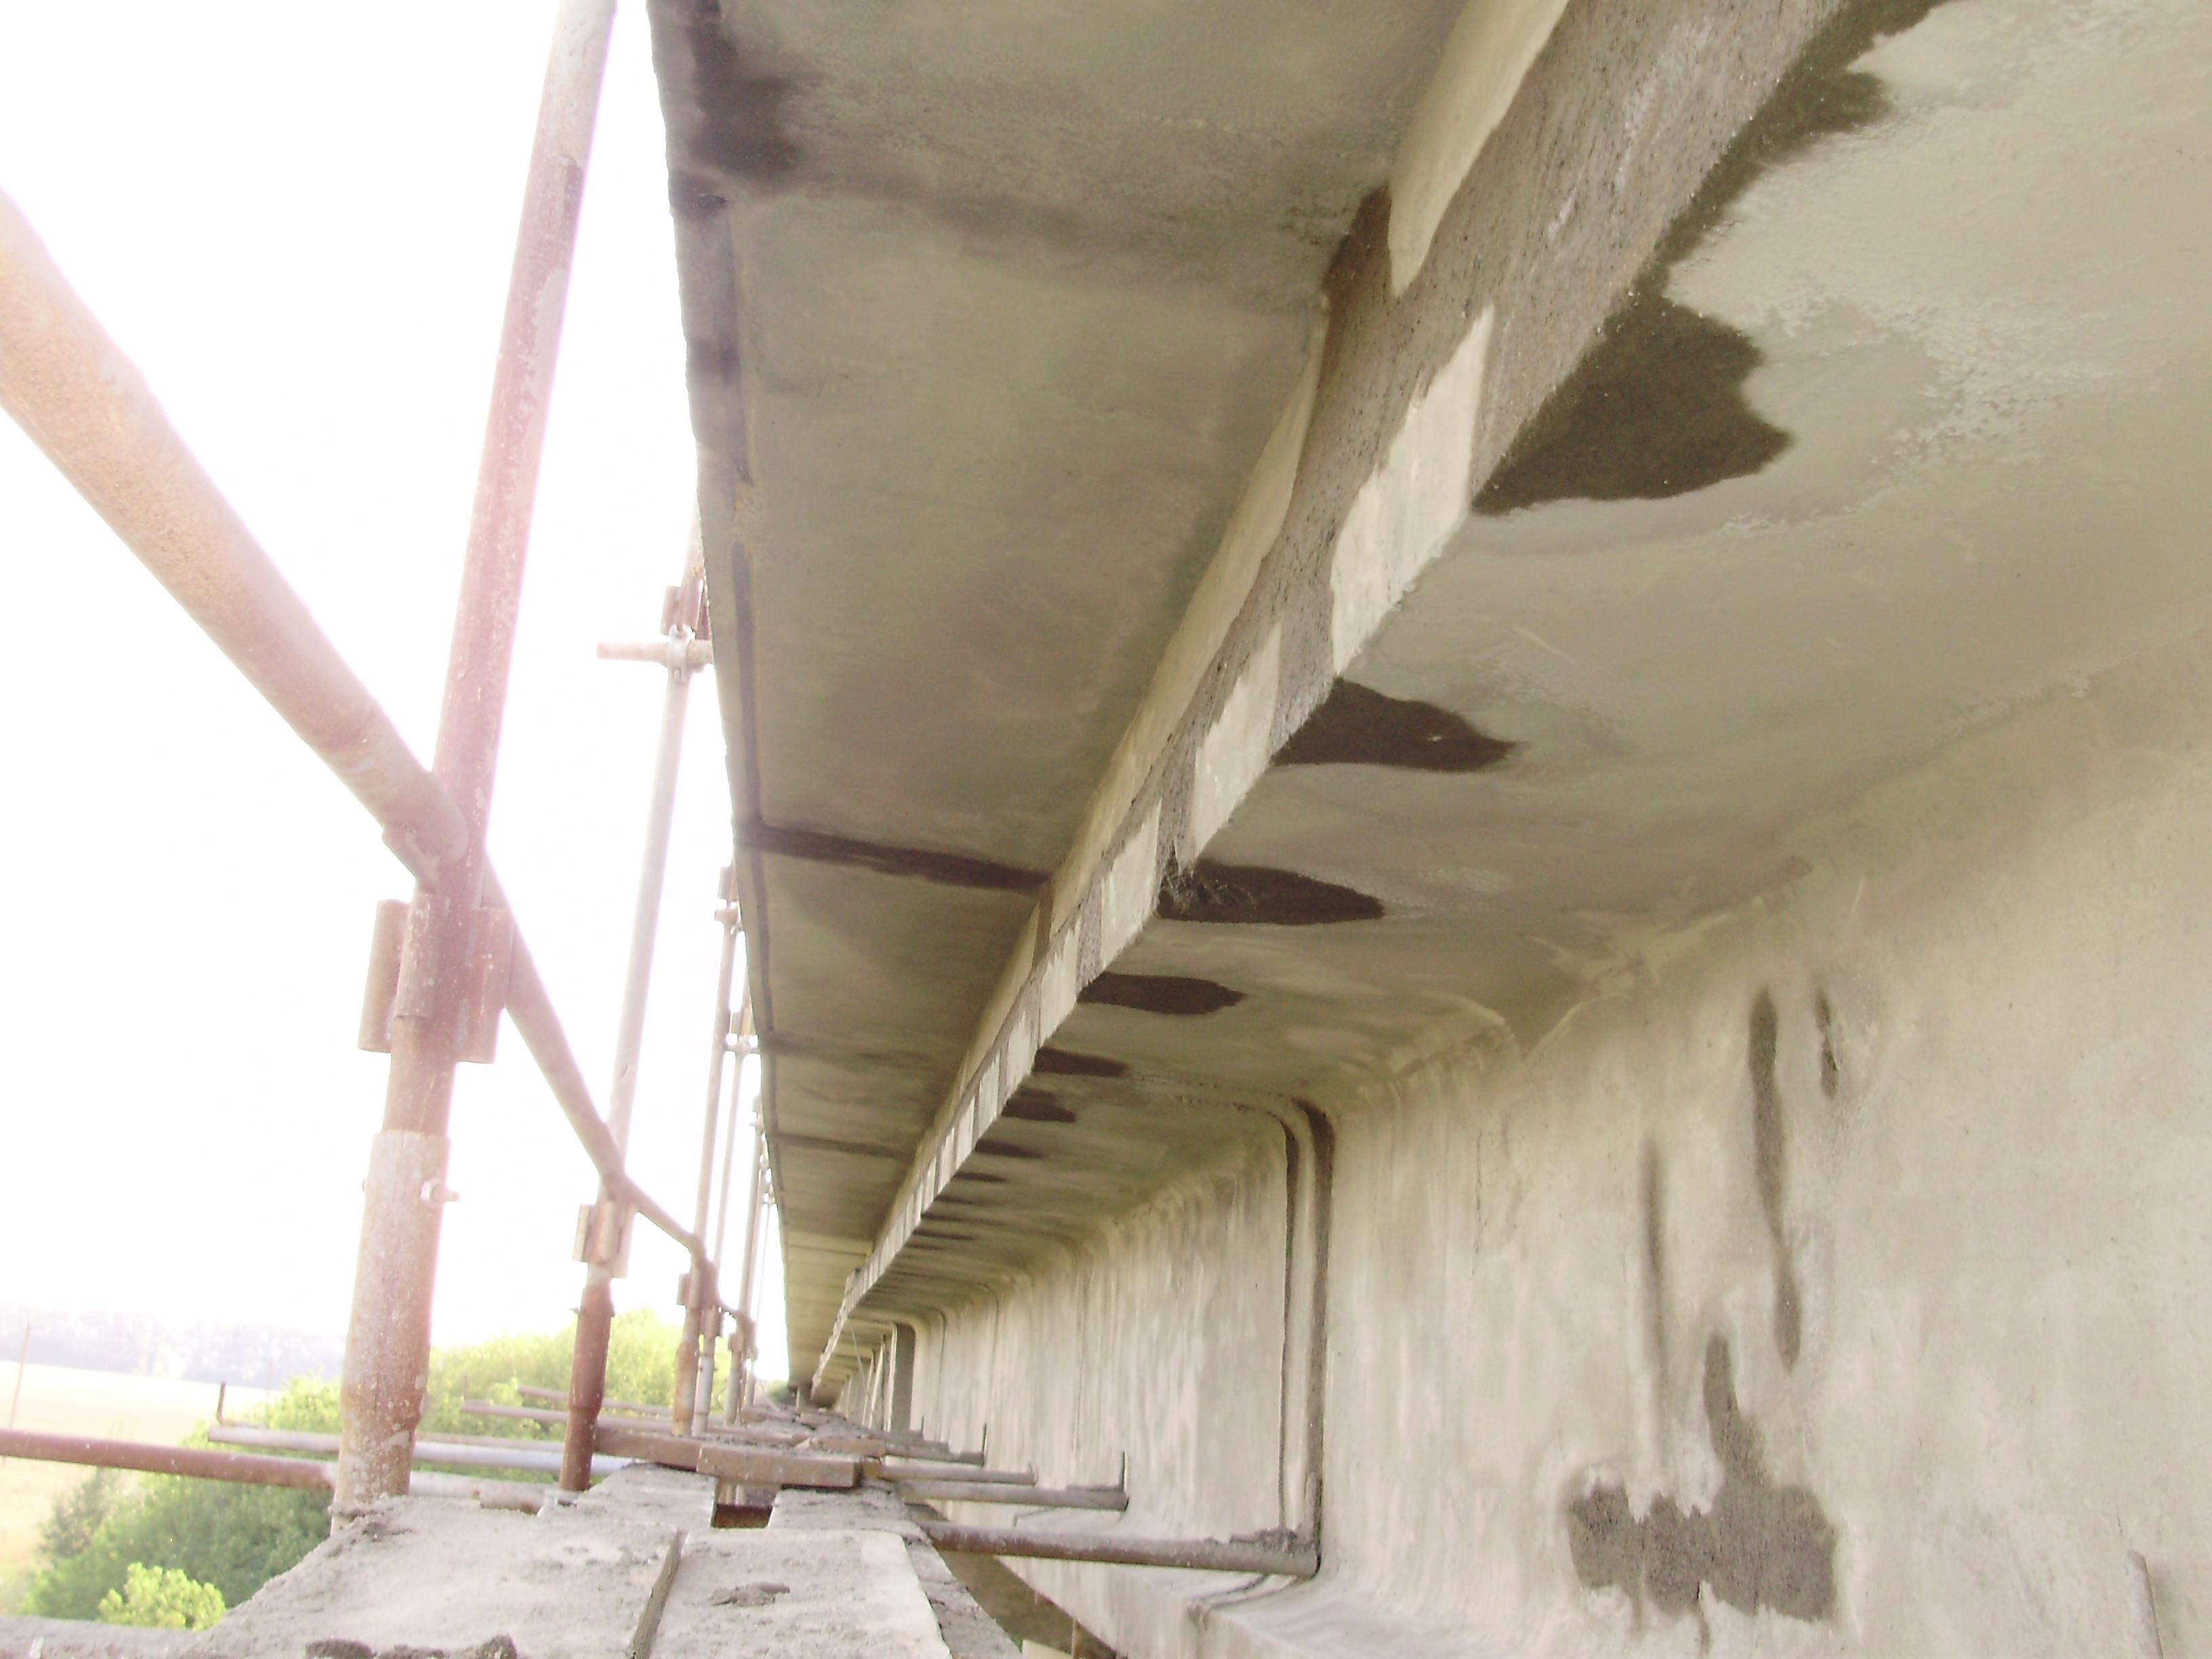 antikorrozionnyj_preparat_dlya_stali_i_betona_alfakon_antikor_korrozieustojchivyj_prajmer_dlya_stali_i_betona